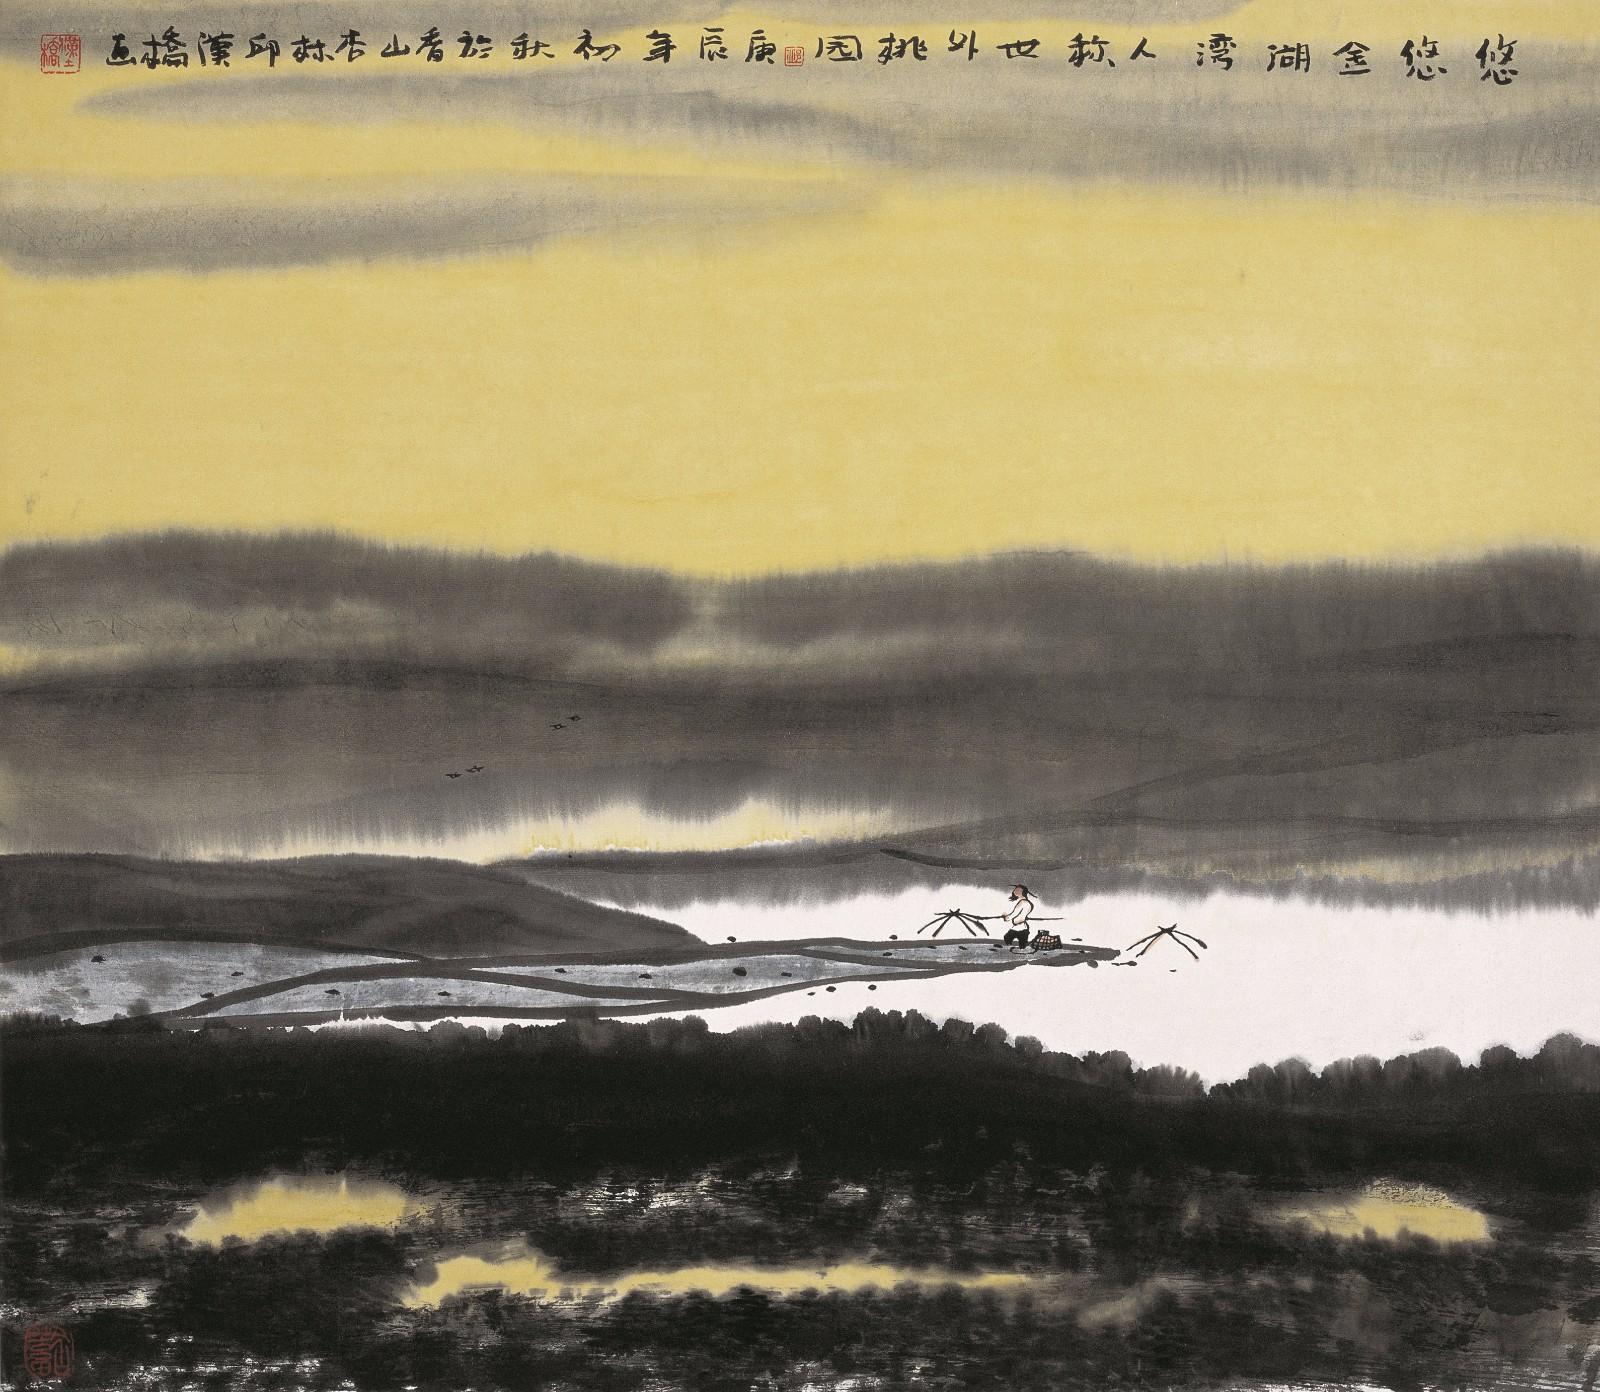 邱汉桥绘画艺术的学识,胆量与功力